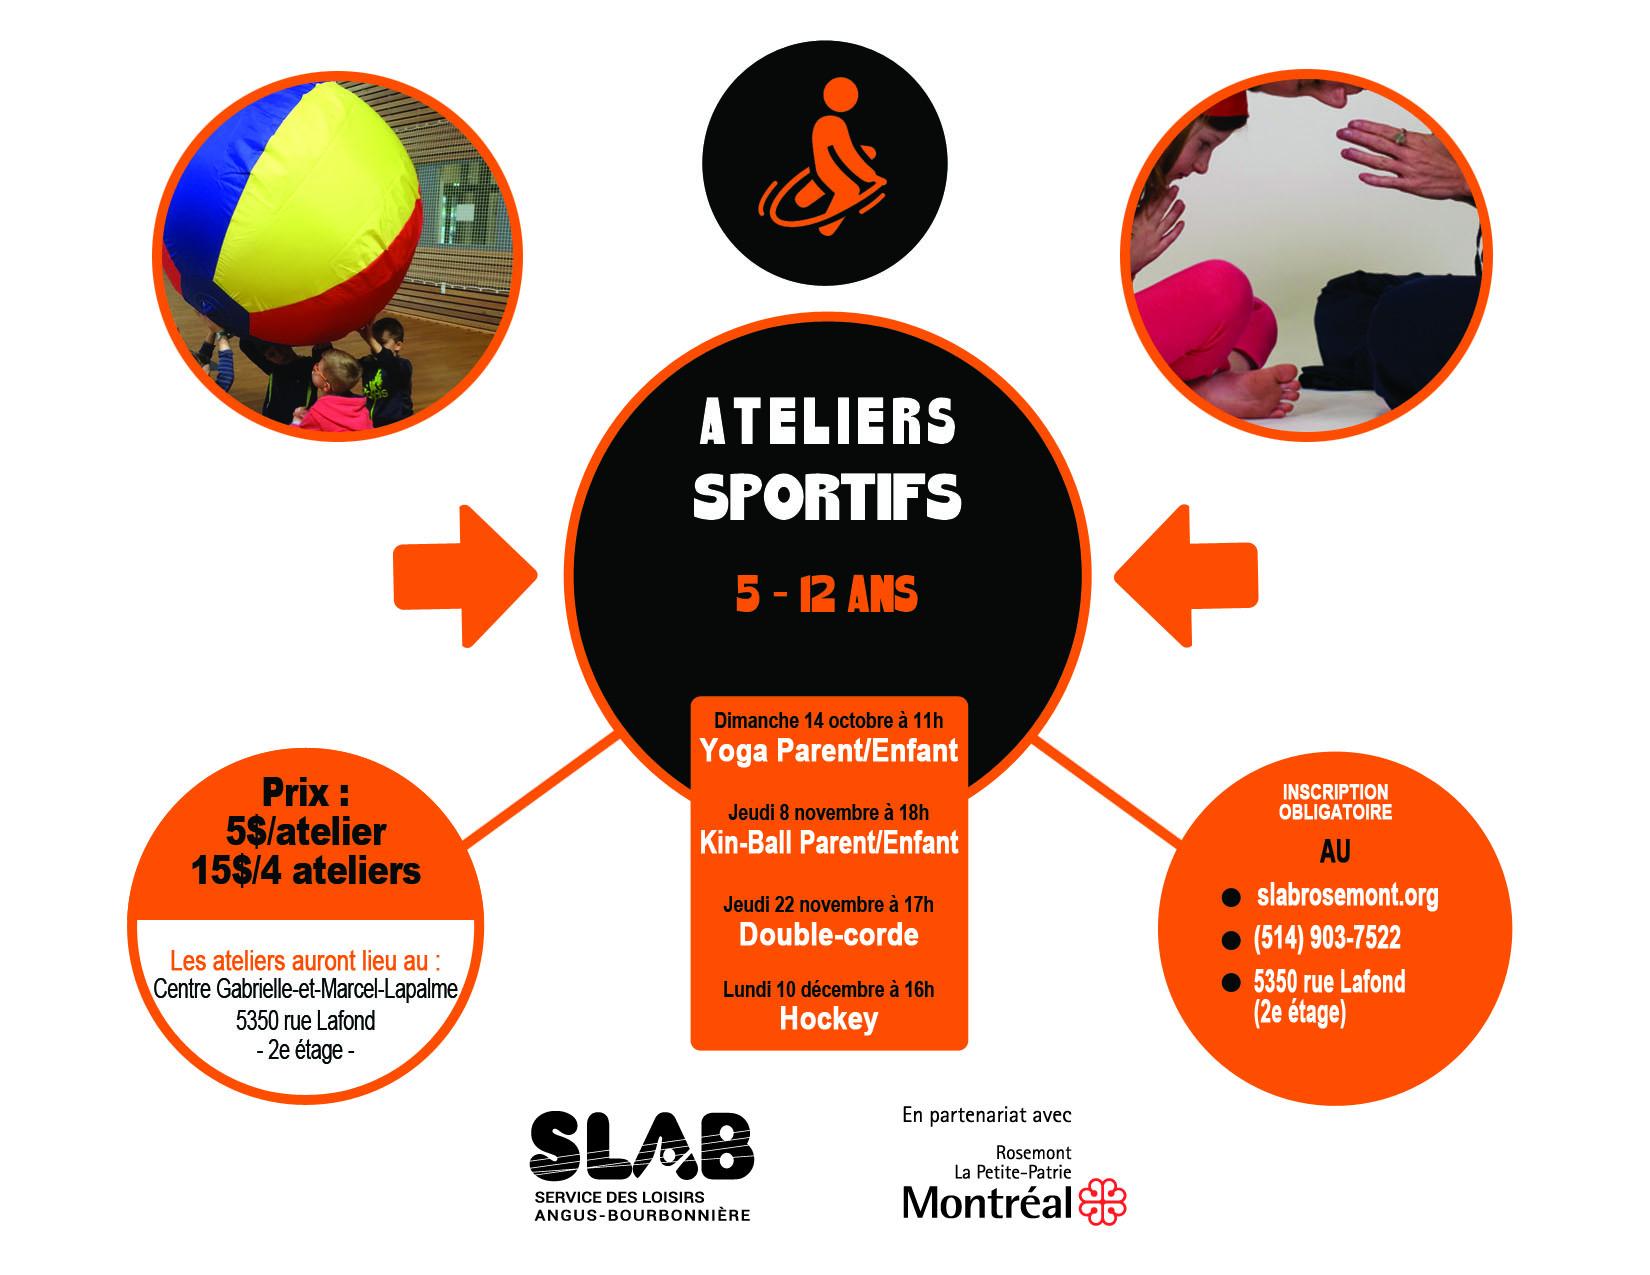 Matériel - Ateliers sportifs 5-12 ans